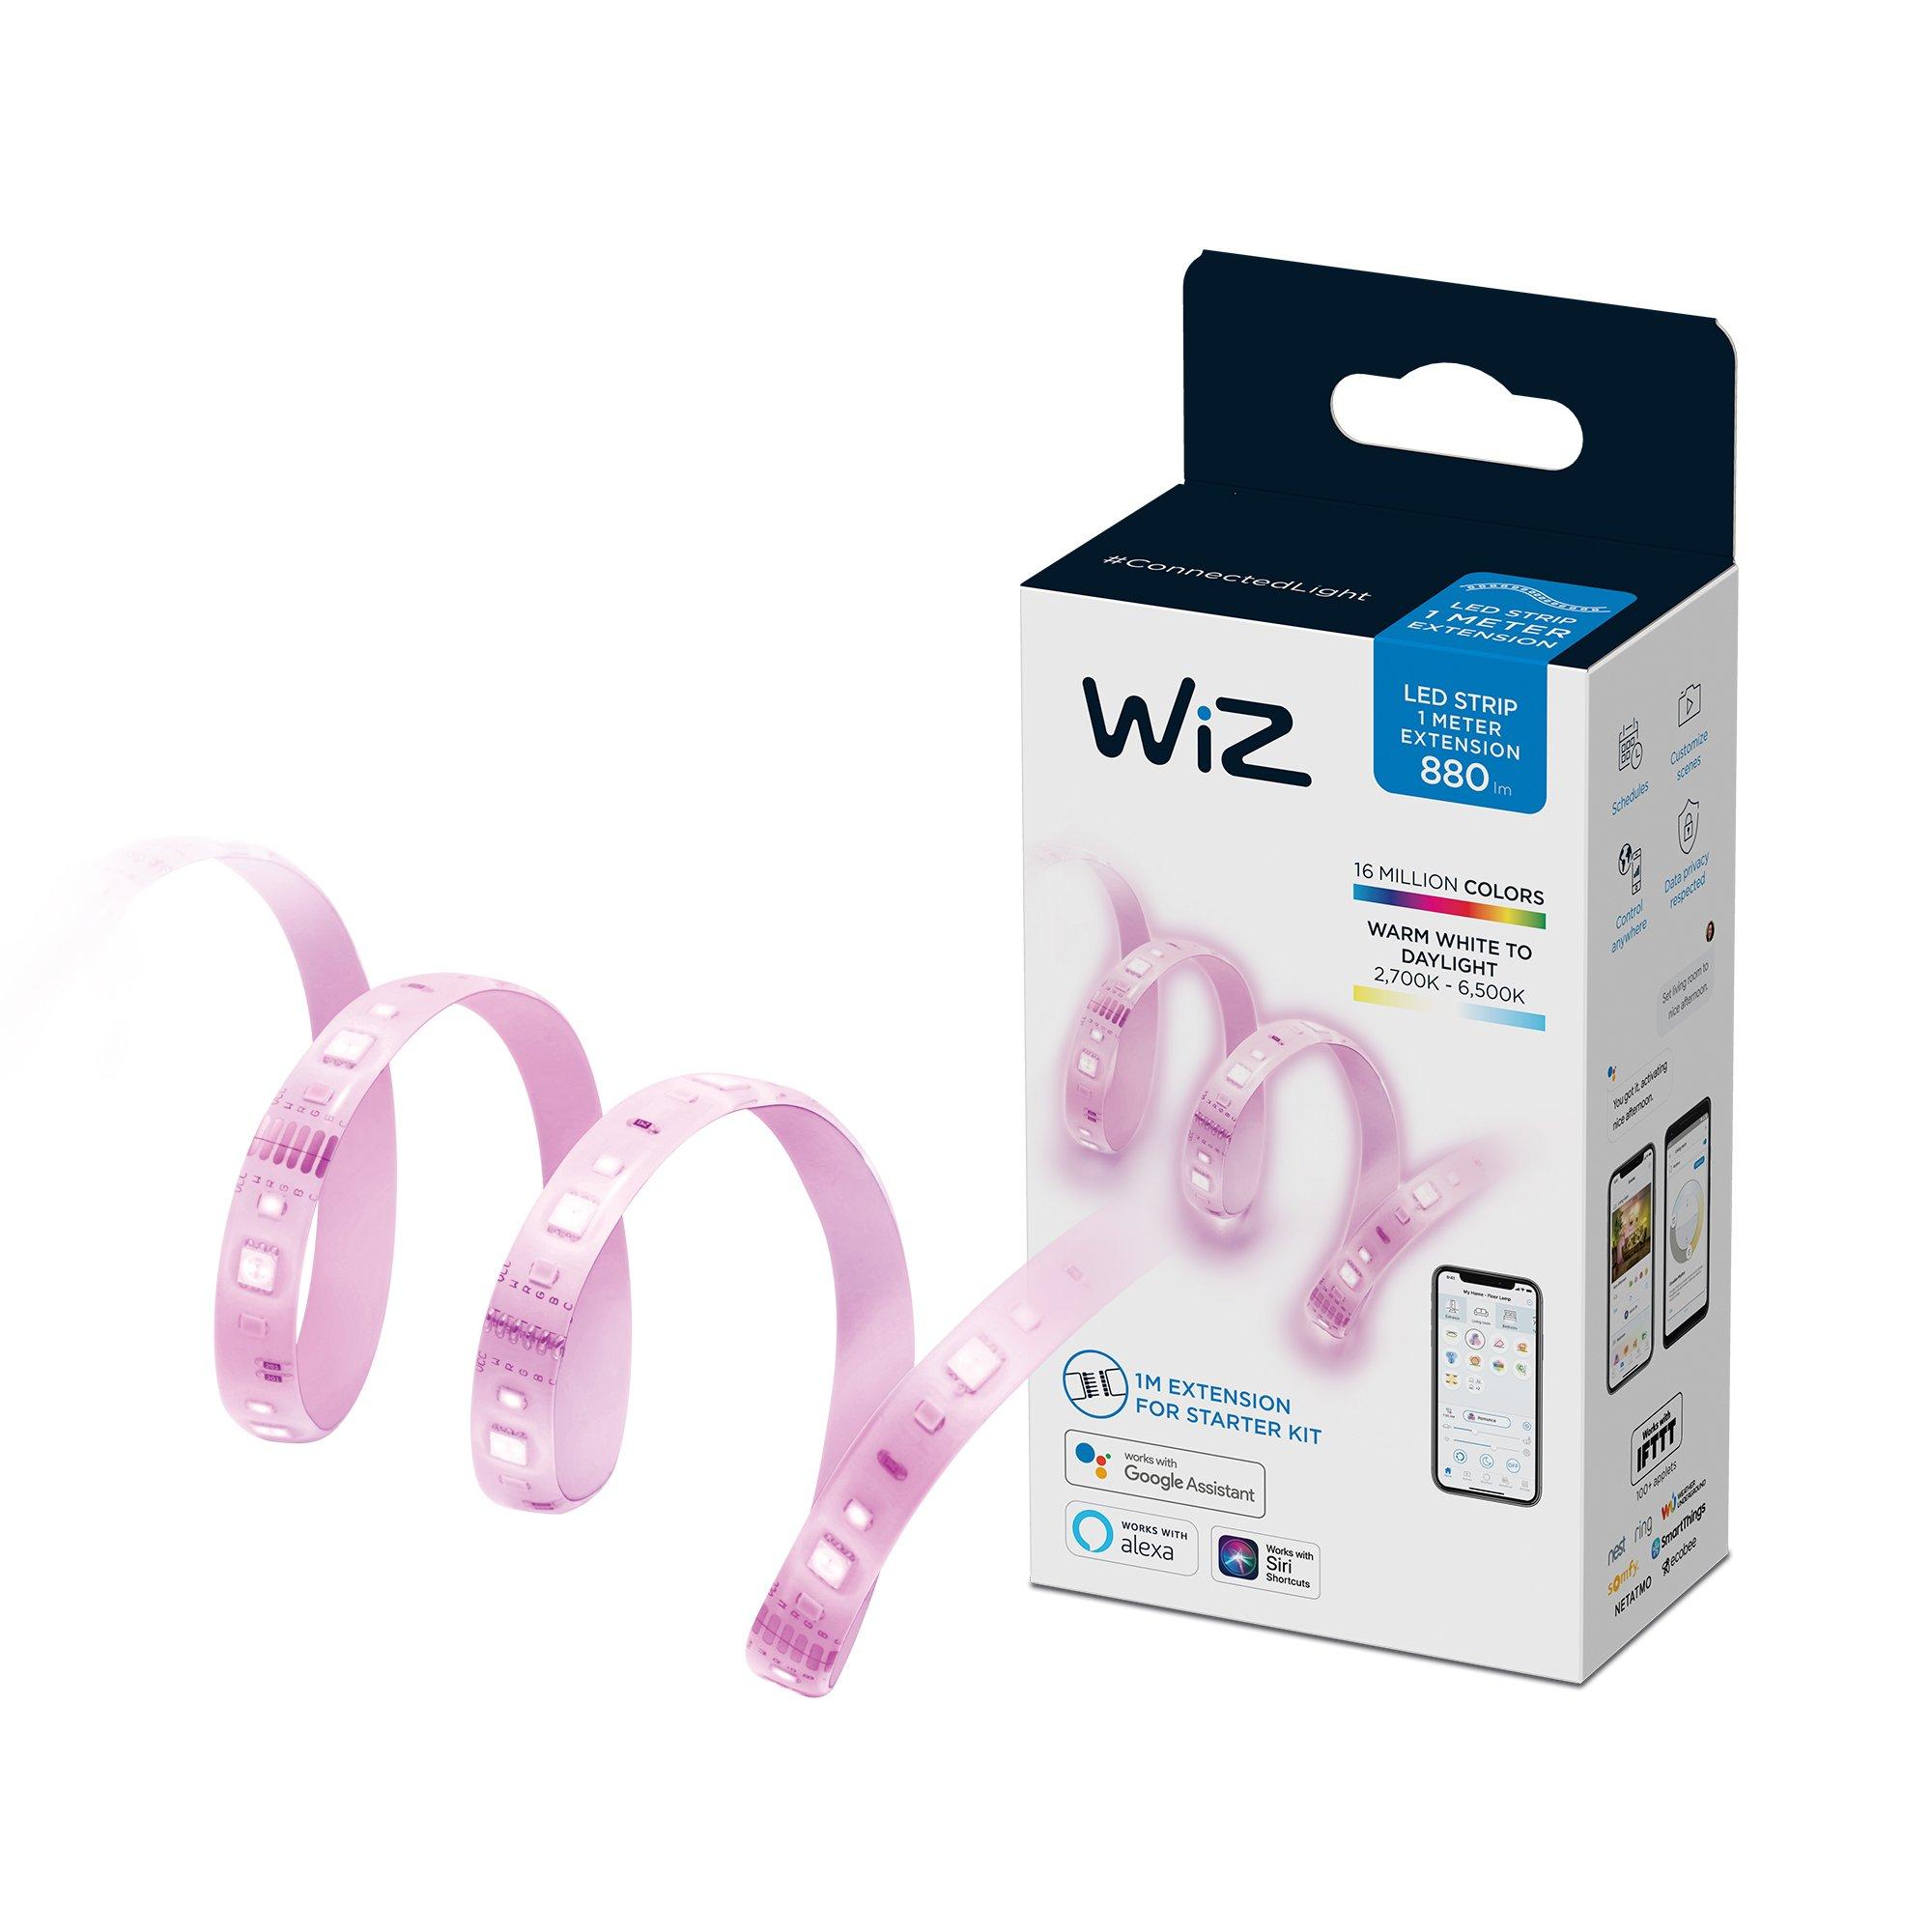 WiZ - Wi-Fi LED Strip 1M 880lm Extension EU